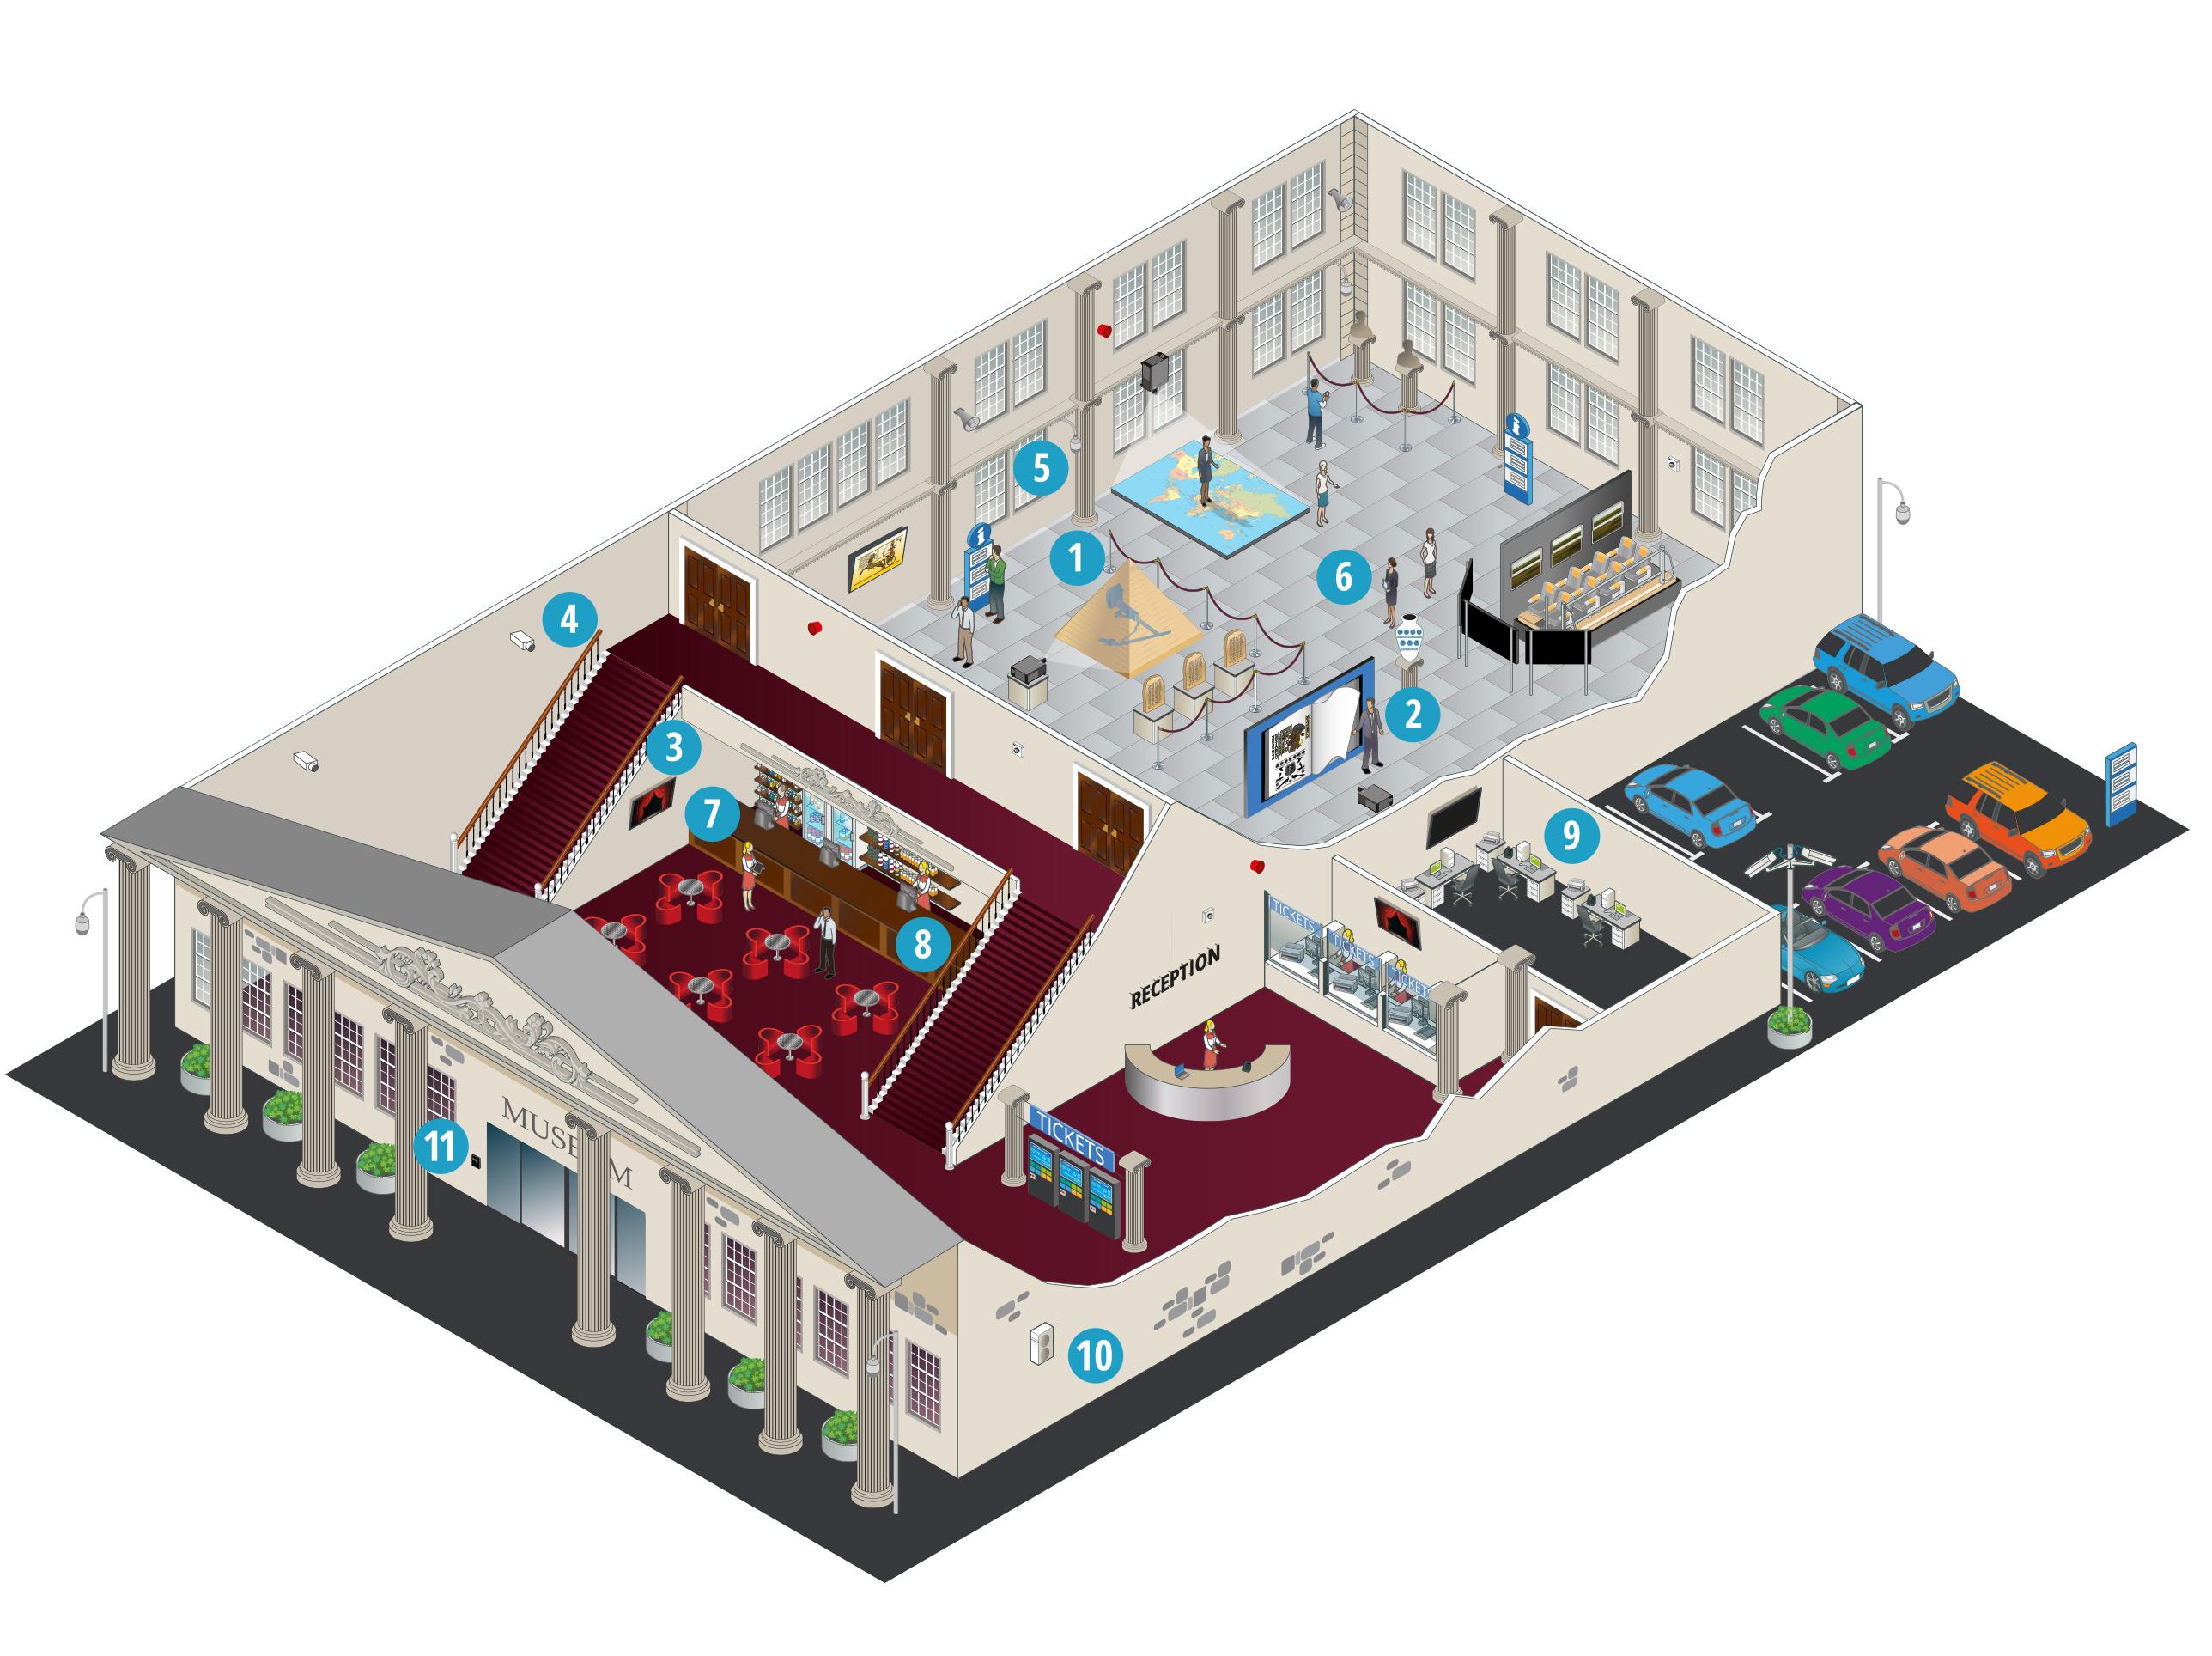 Comment les solutions de Panasonic aident-elles les musées?